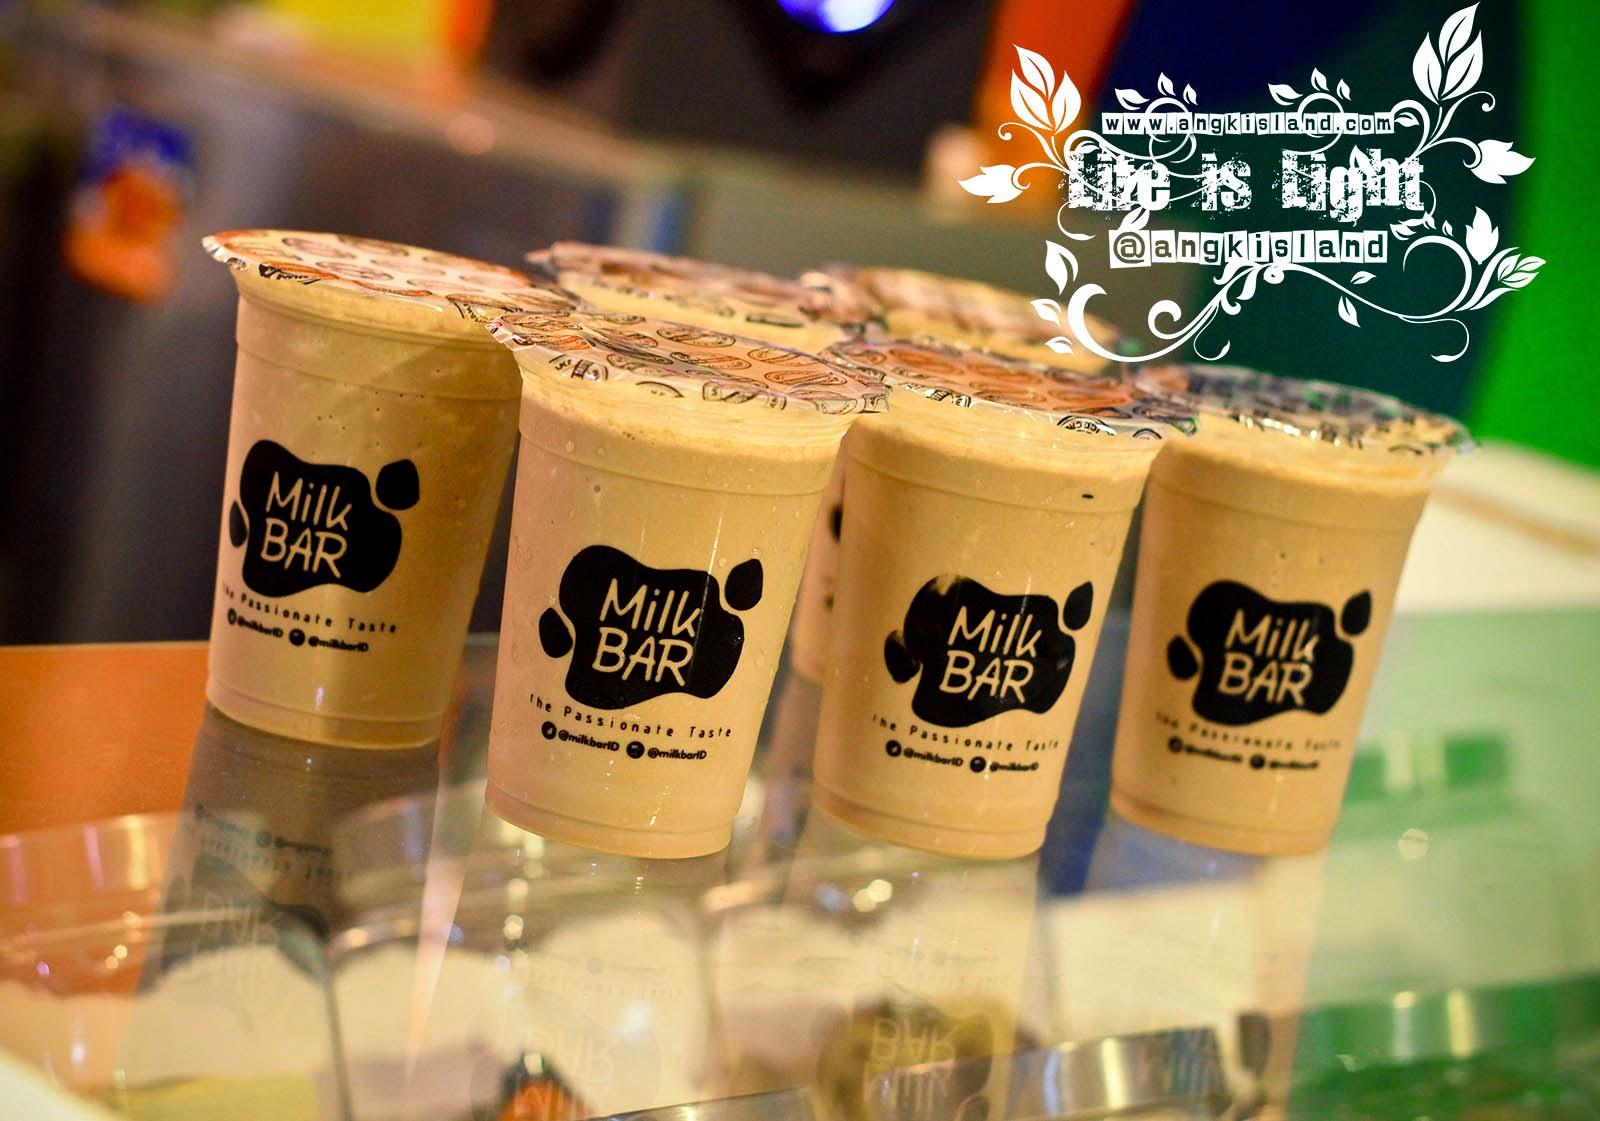 milkshake Milk Bar Indonesia